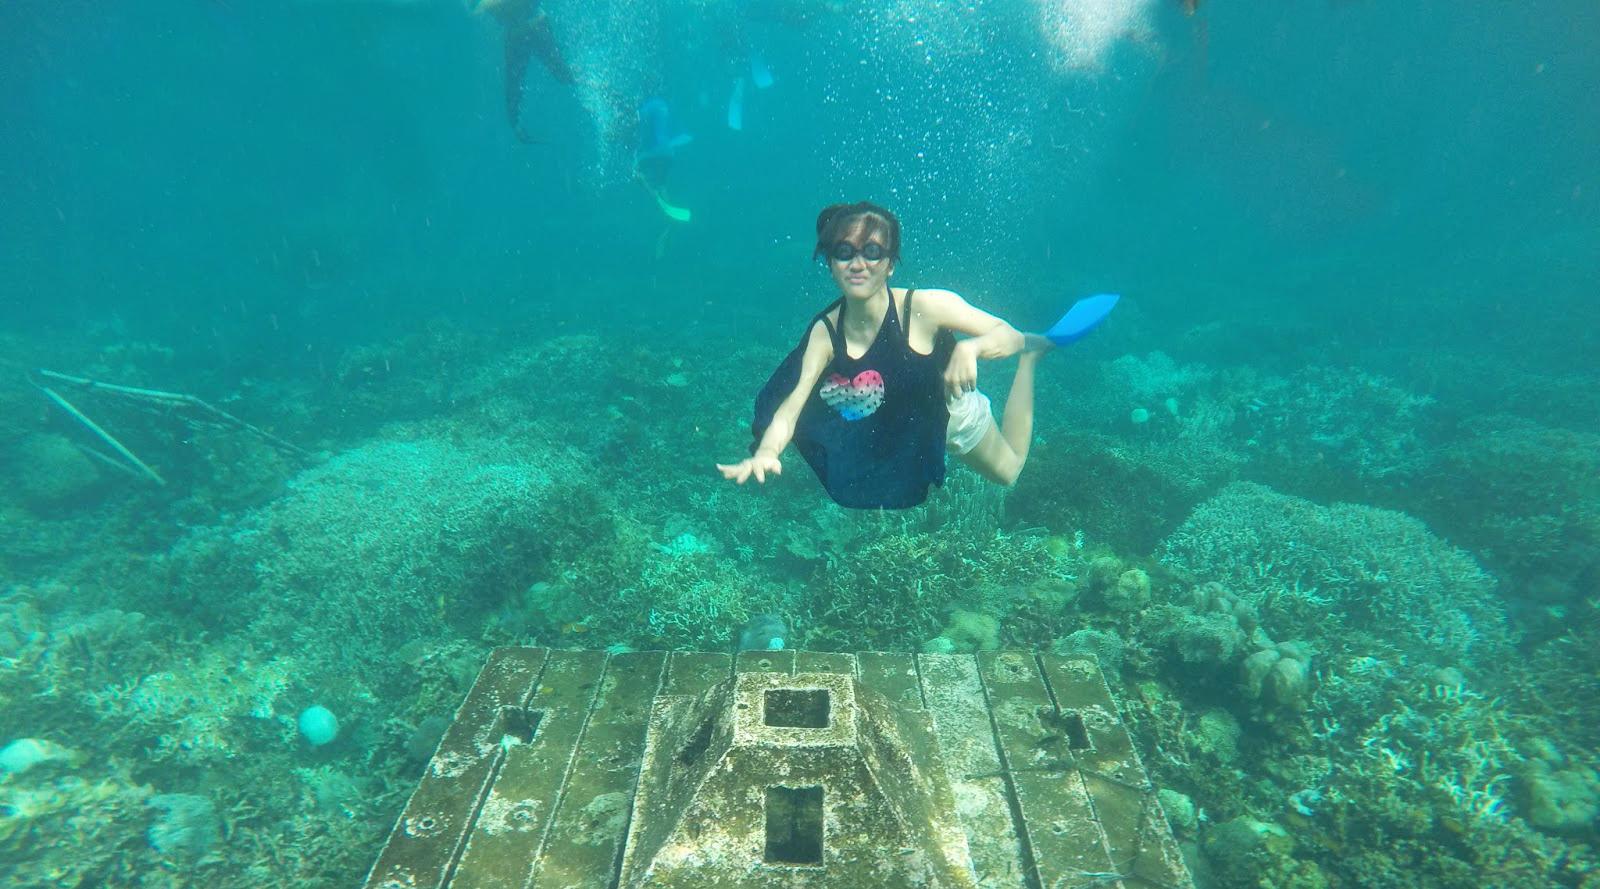 destinasi wisata indonesia 2015 pulau pahwang cewek igo diving manis di pulau pahawang